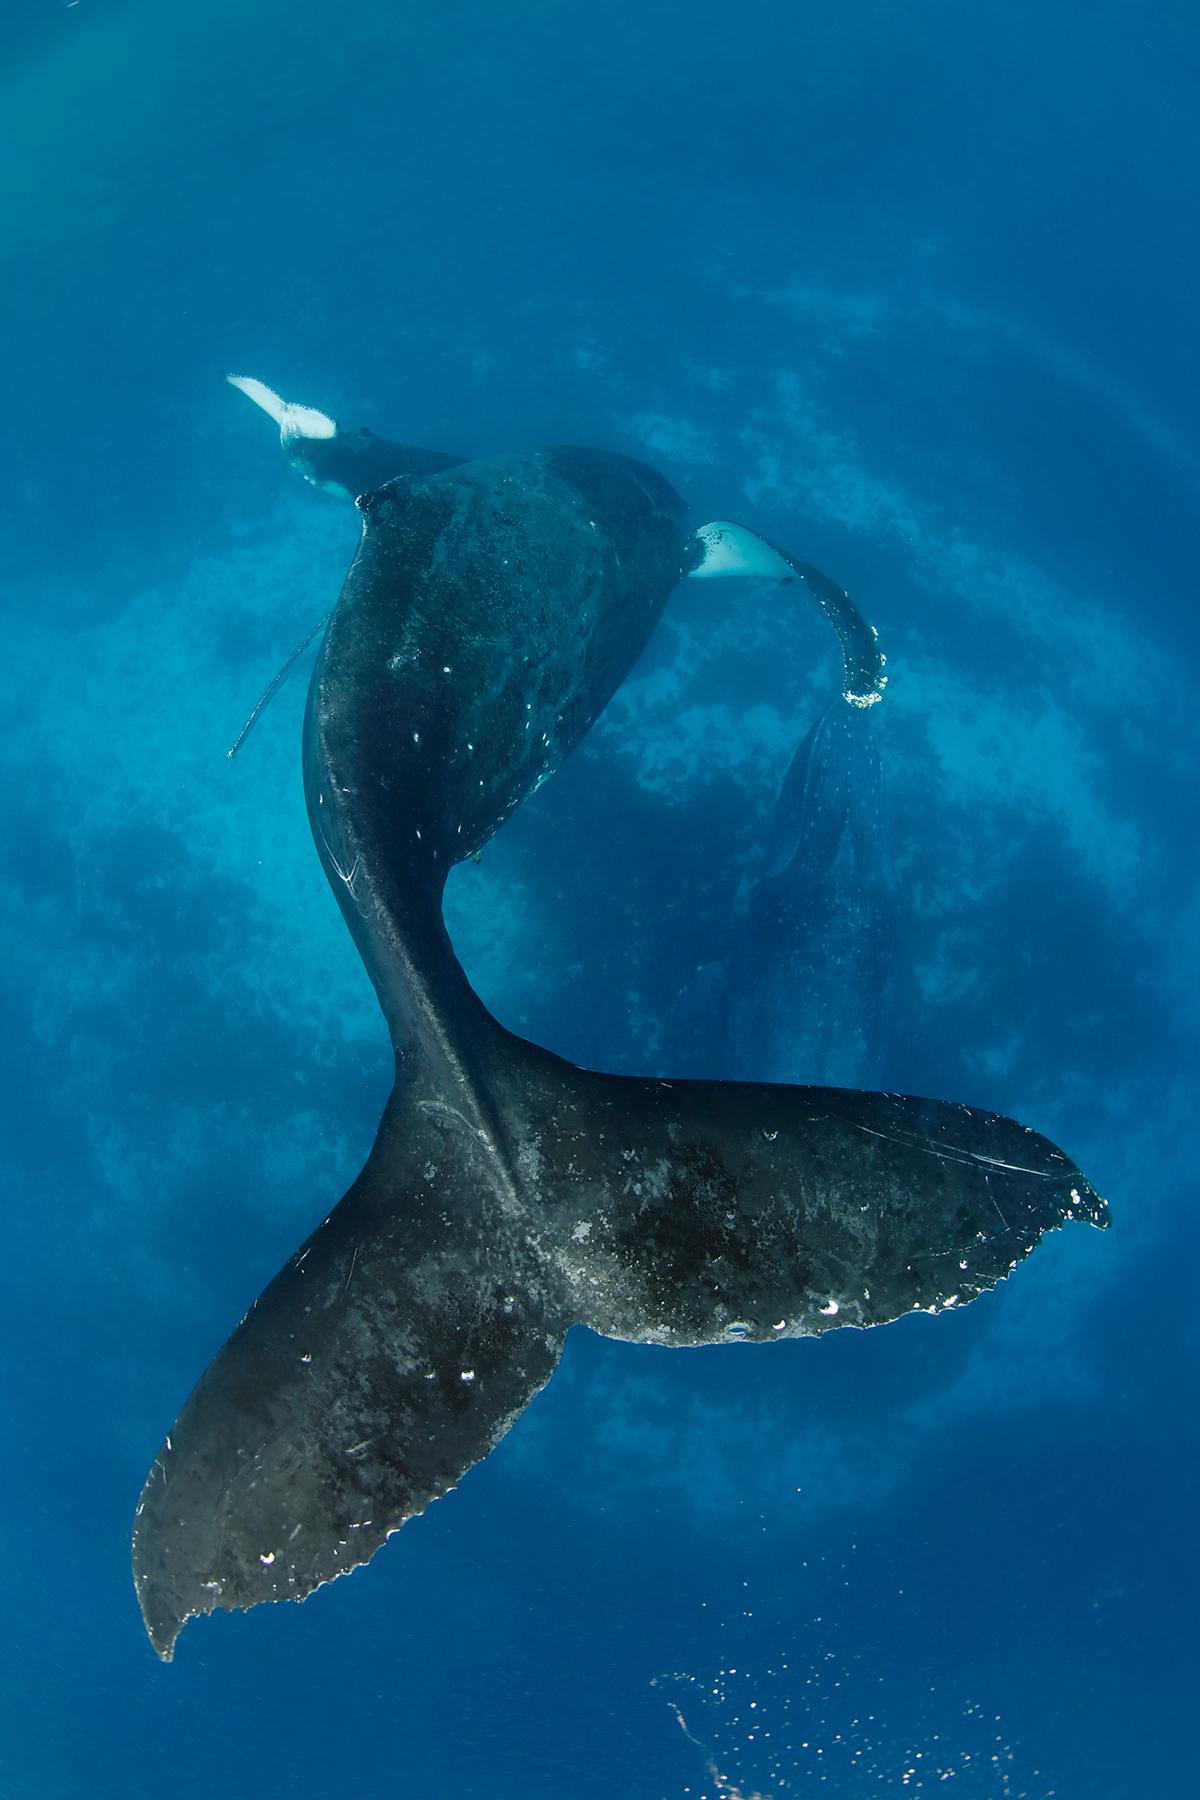 他在深海与鲸共舞 曾听见蓝鲸的呼吸声